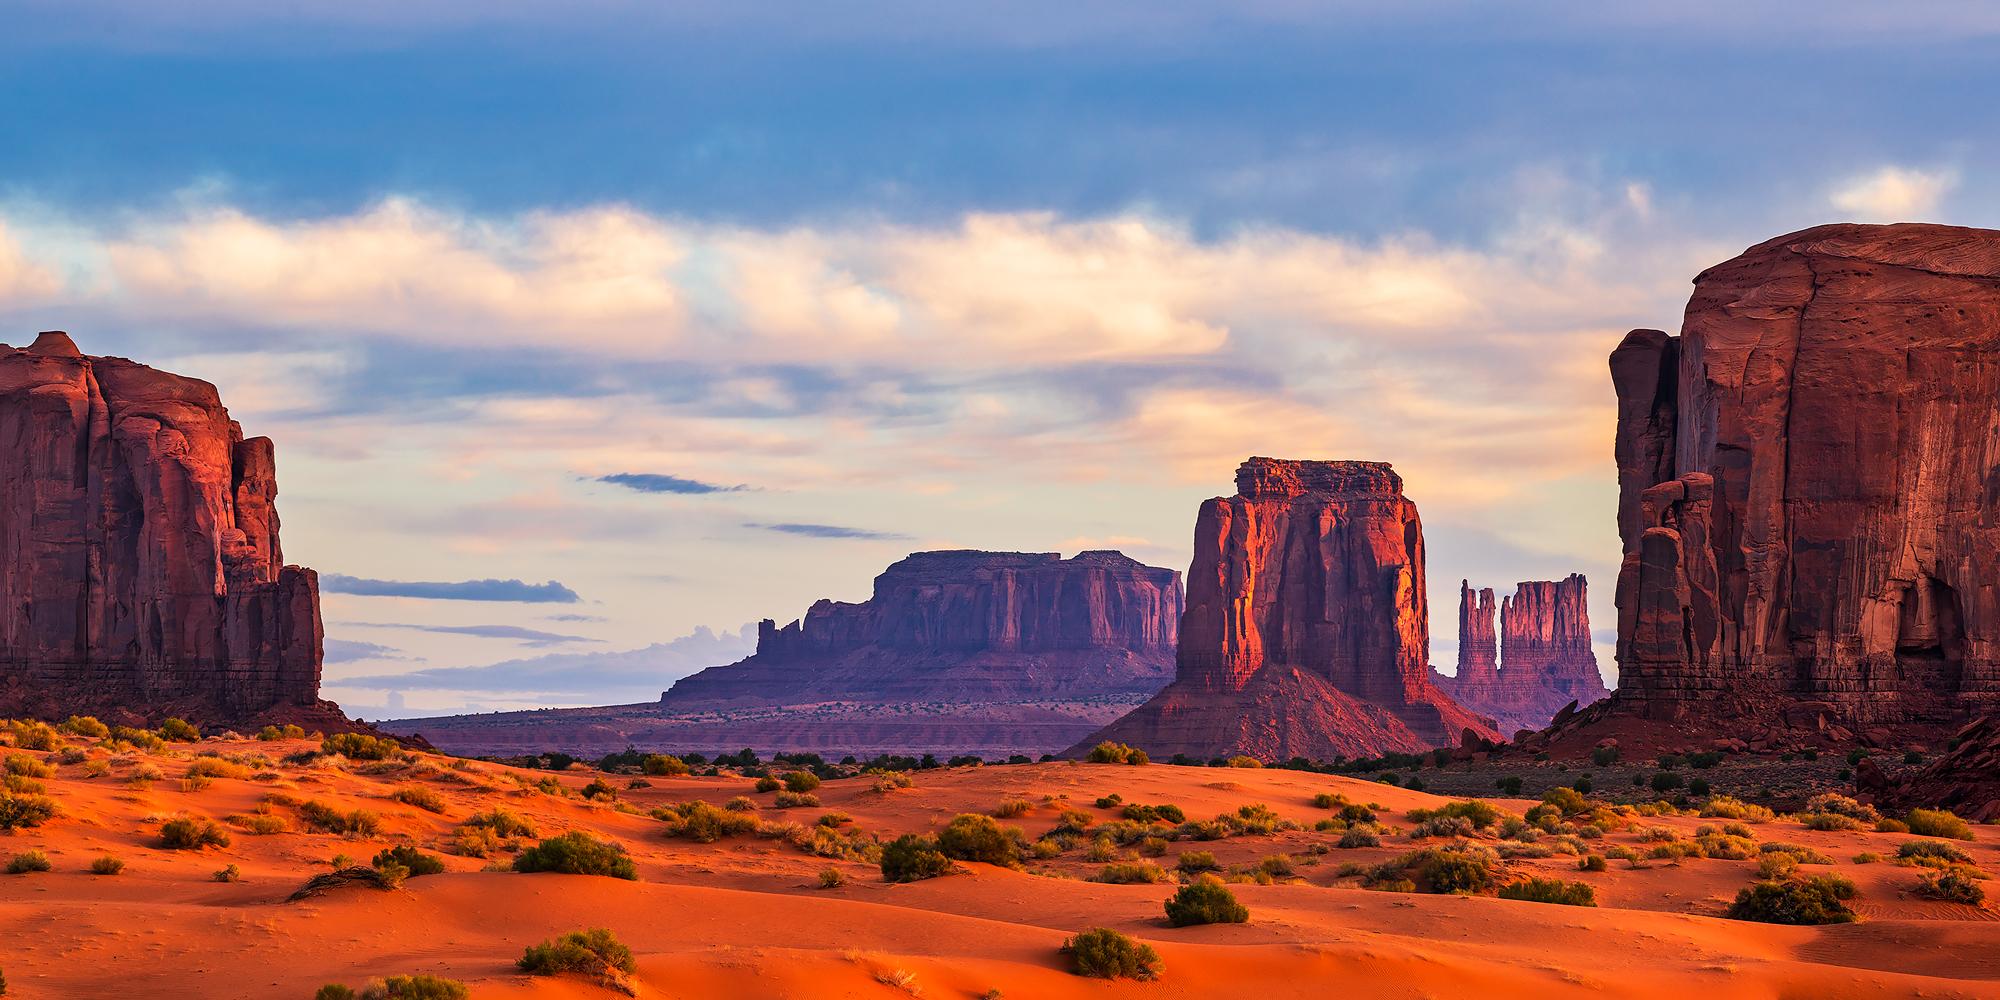 sunrise, Monument Valley, Arizona, photo